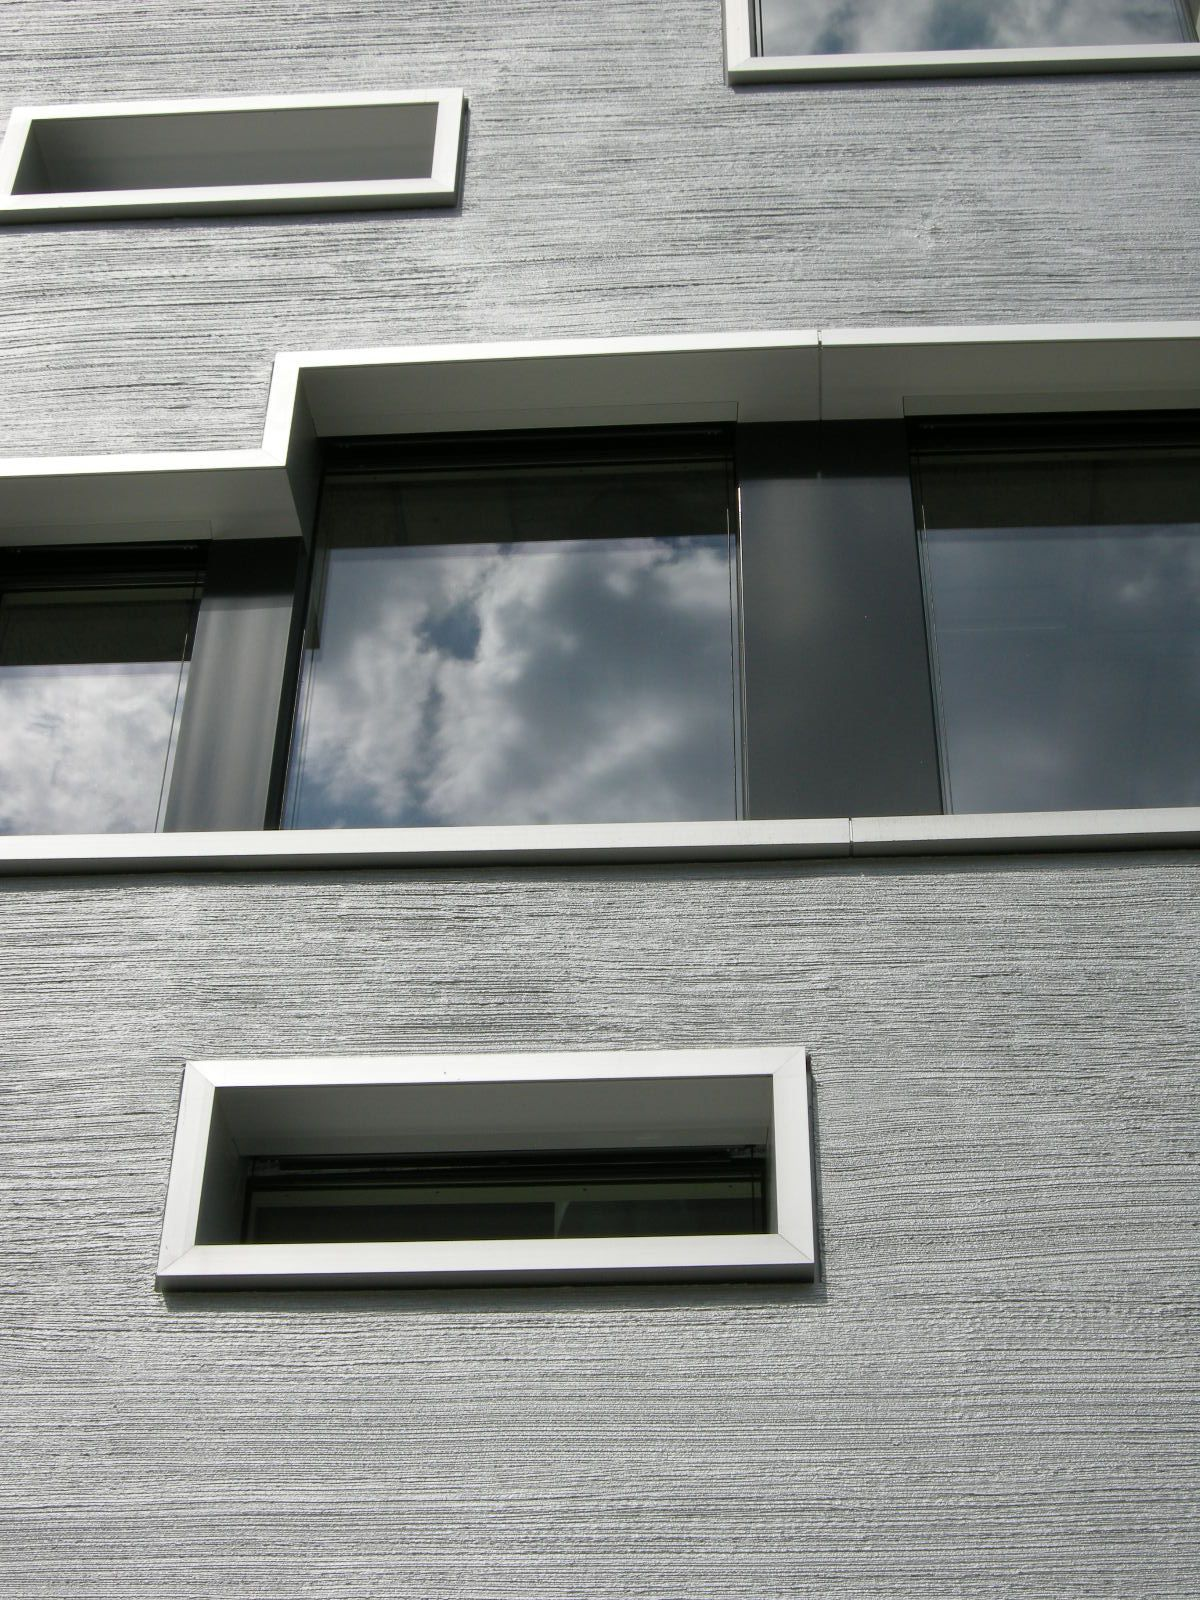 strukturputz silber putz pinterest silber fassaden und putz. Black Bedroom Furniture Sets. Home Design Ideas